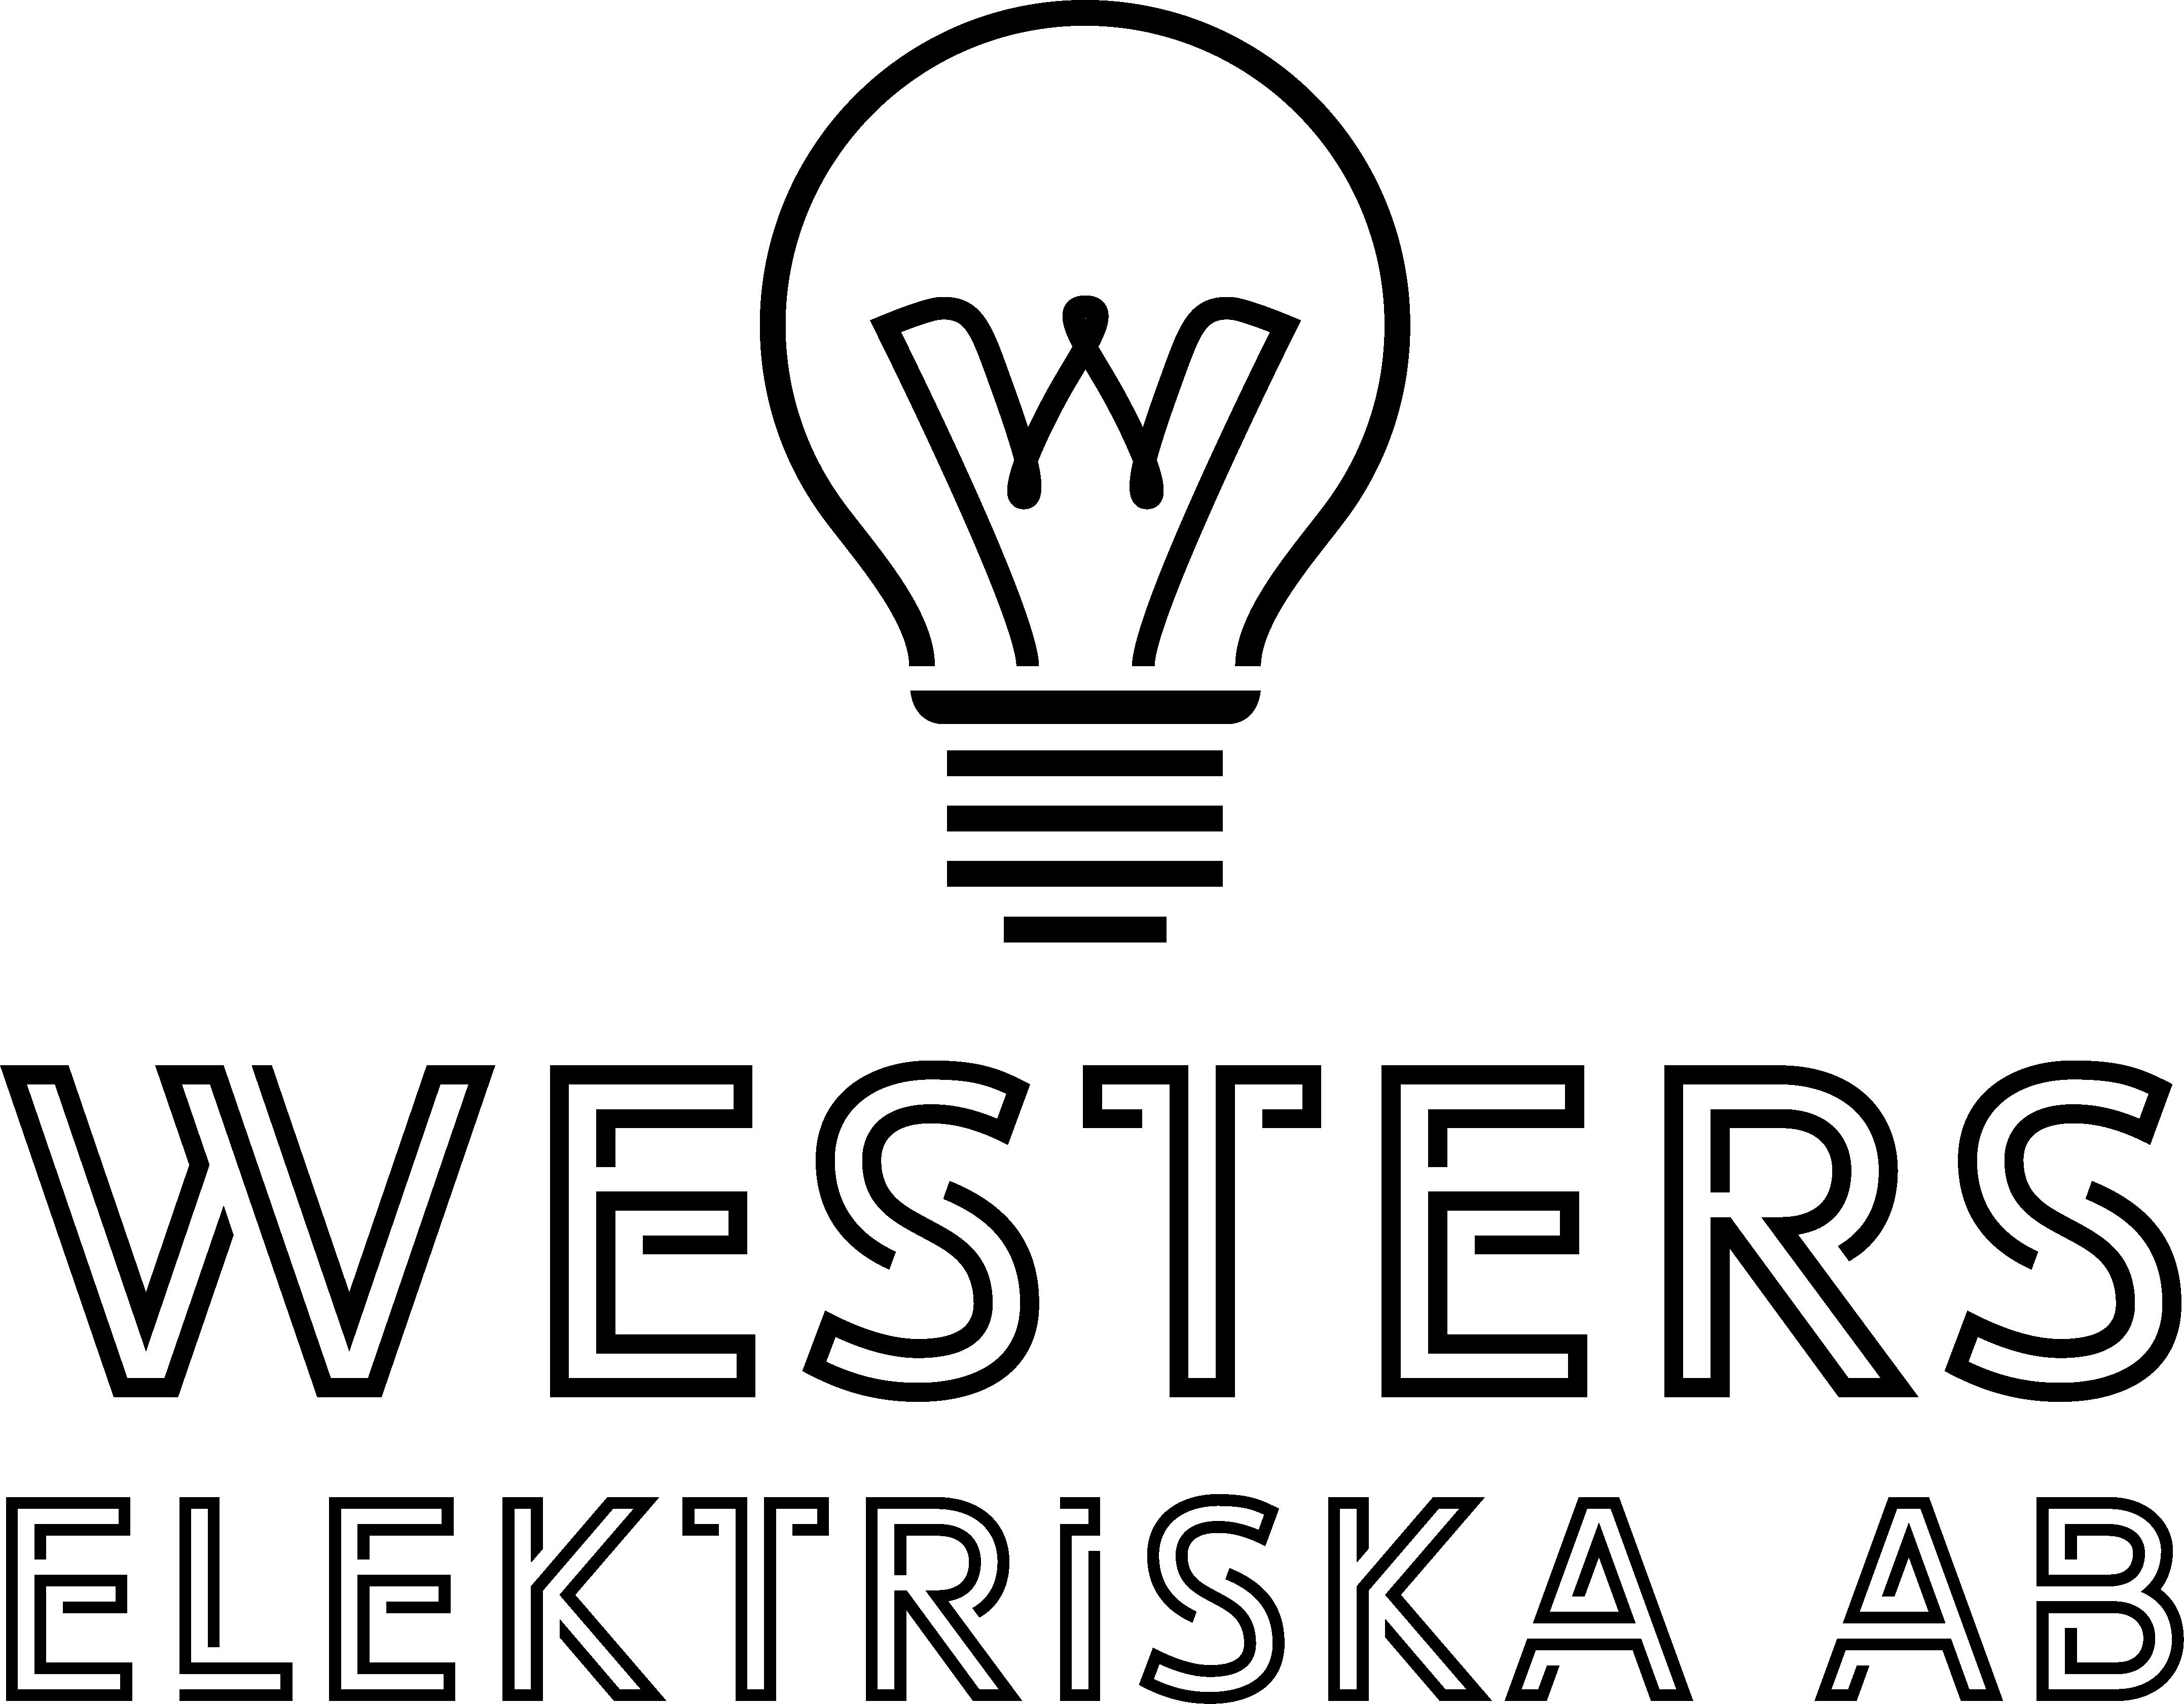 Westers Elektriska AB